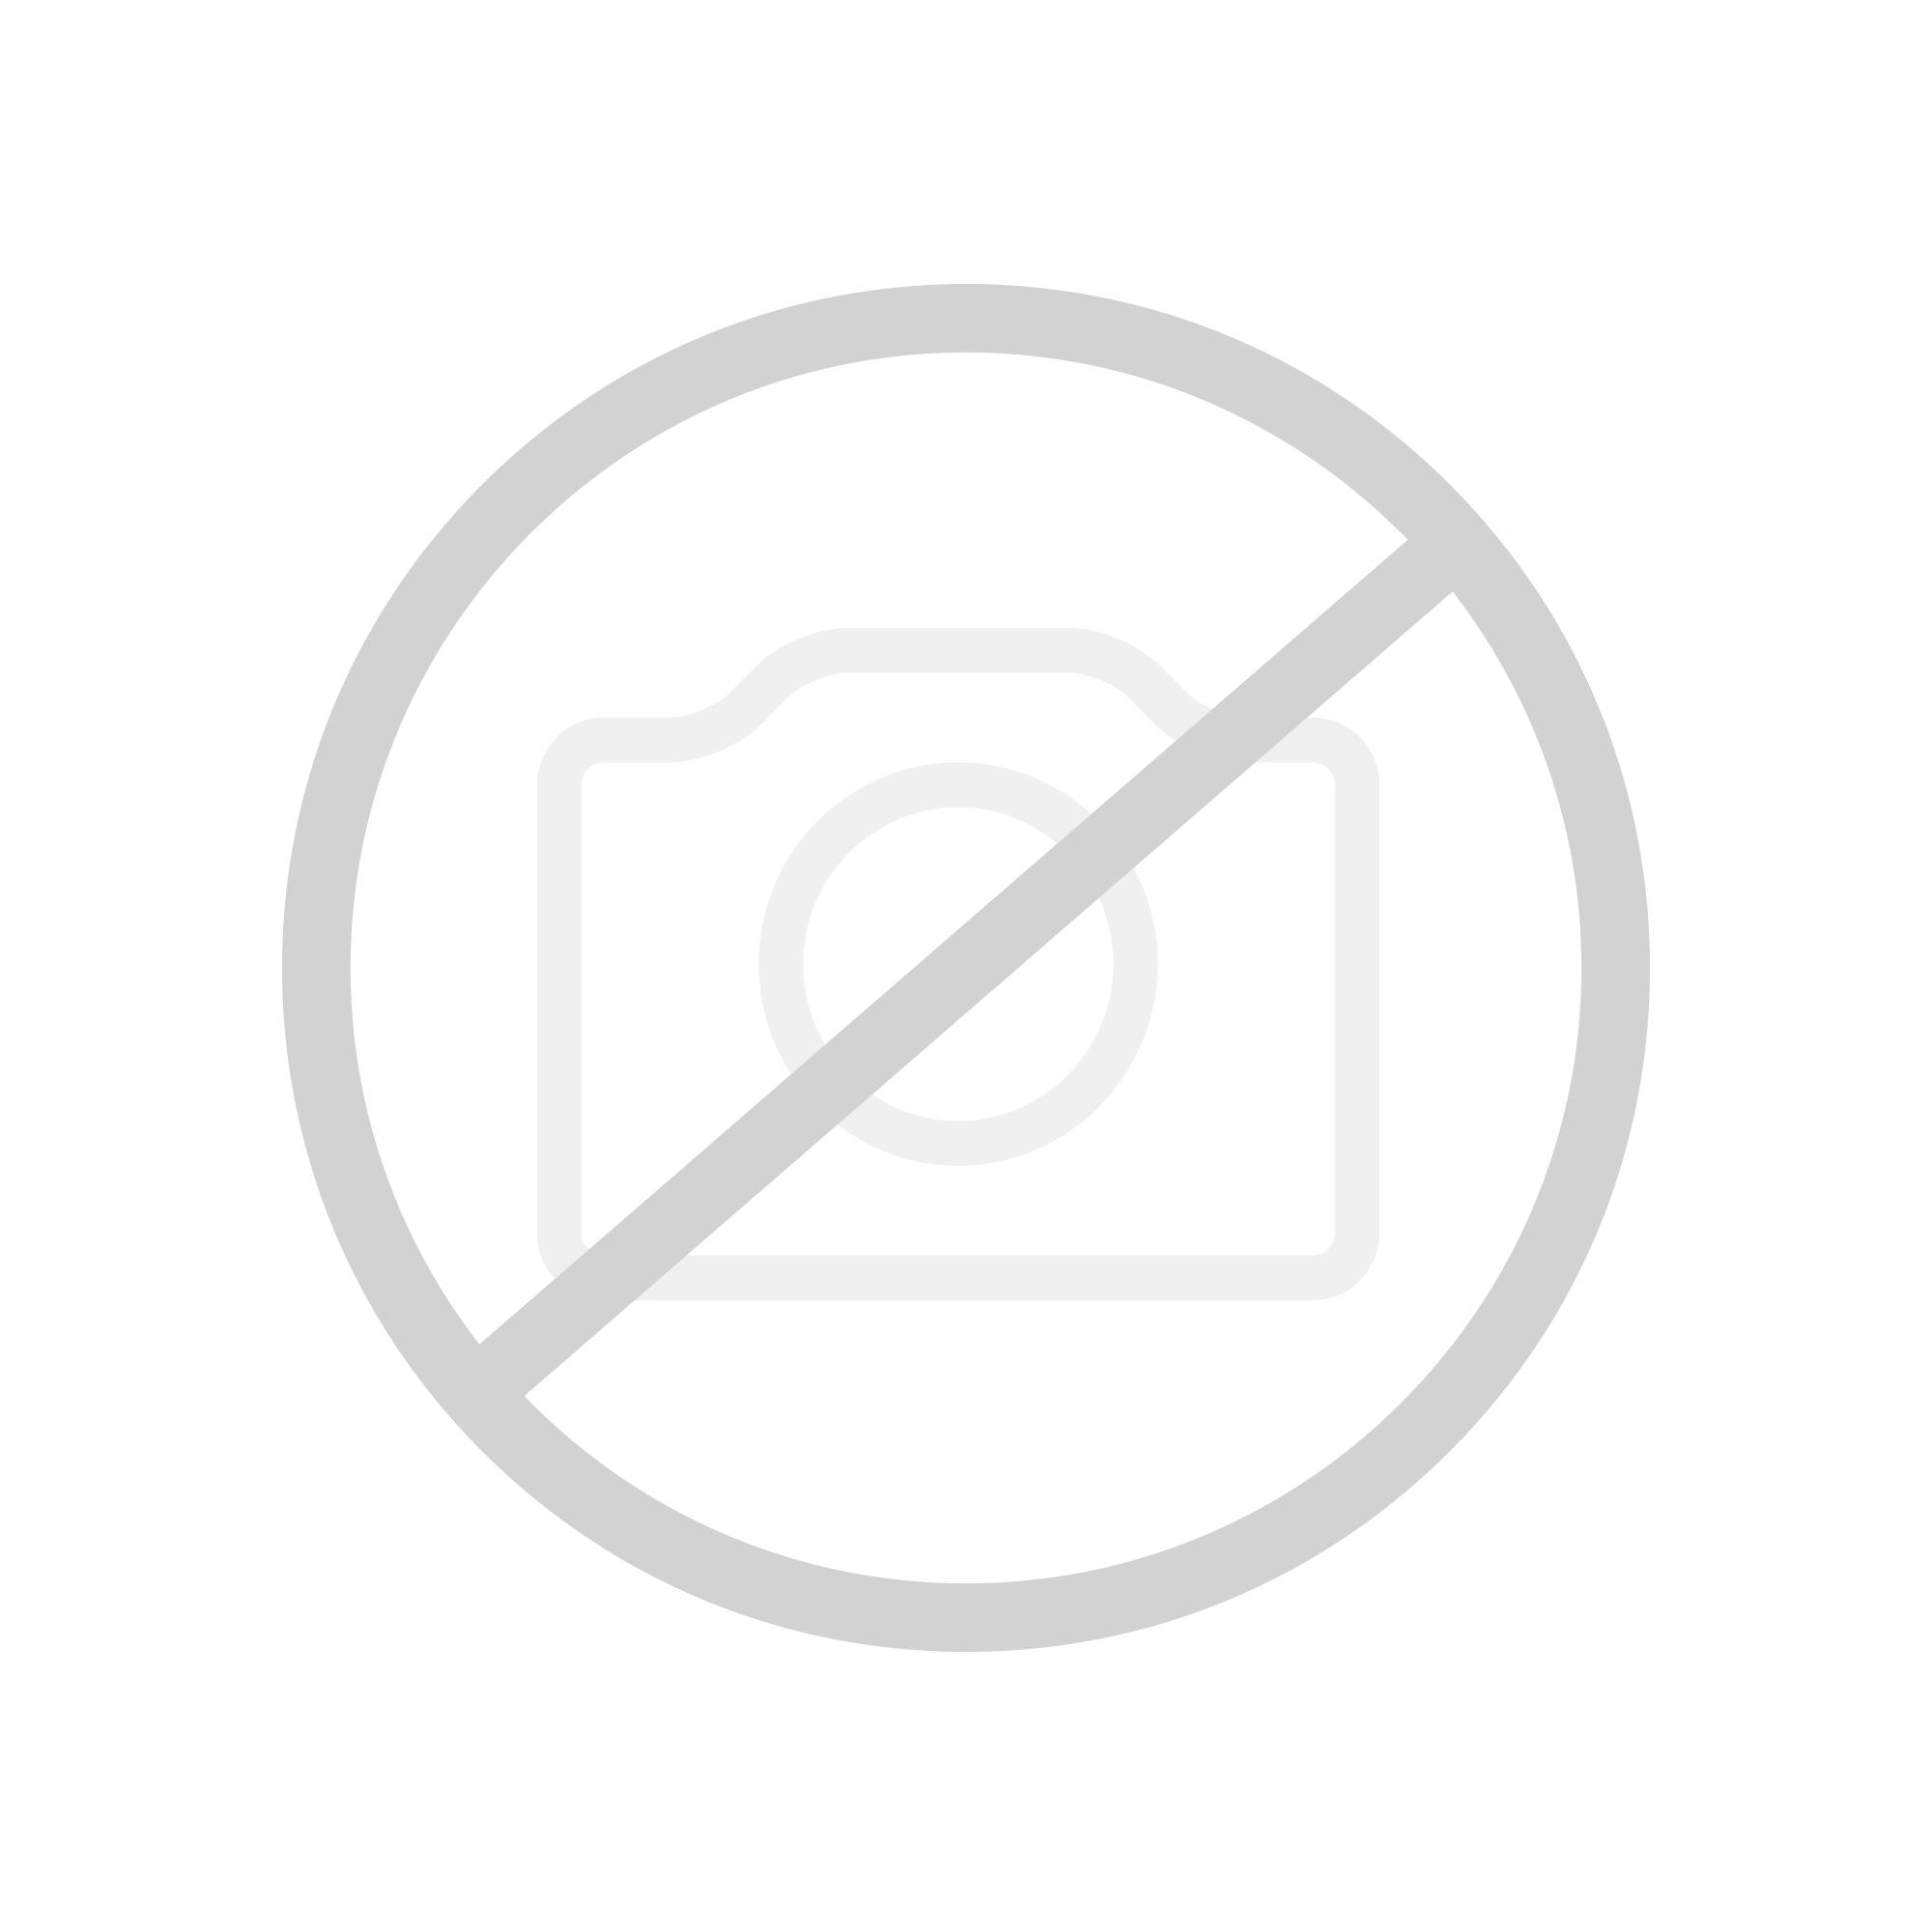 HSK Badheizkörper Line B: 40 H: 121,5 cm, mit Seitenanschluss weiß